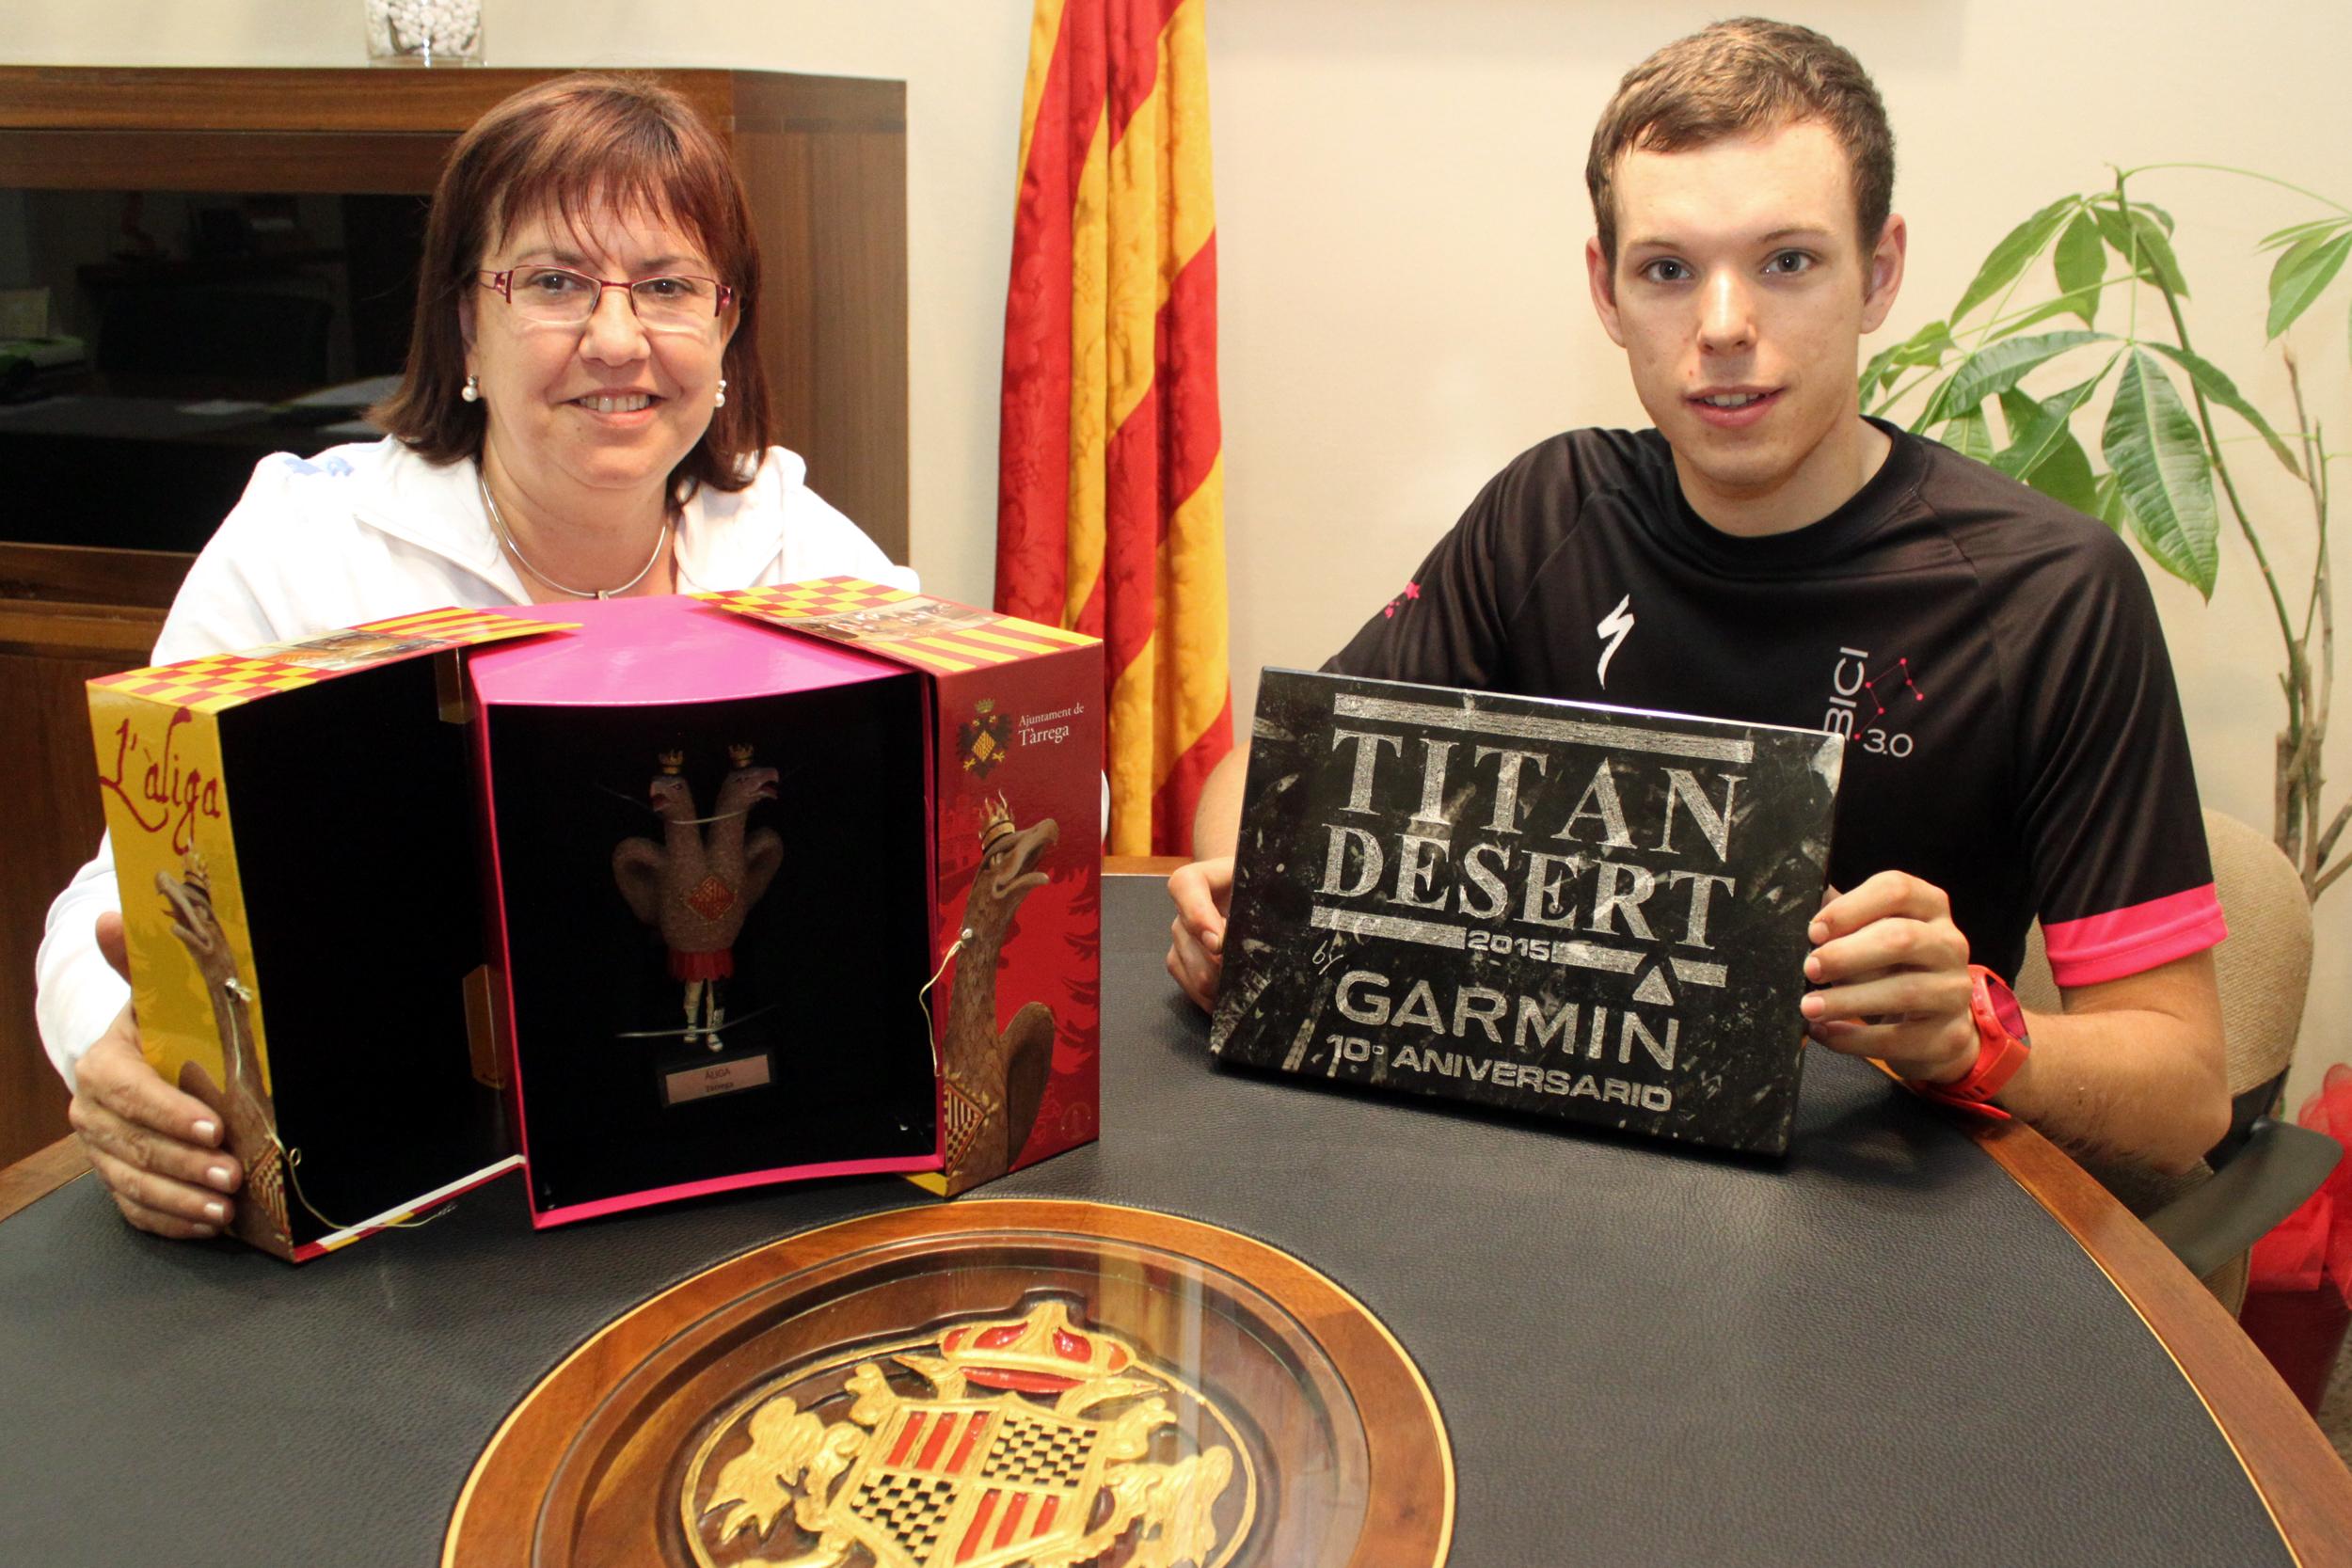 Tàrrega reconeix els mèrits esportius de Josep Térmens, guanyador de la cursa Titan Desert en la categoria sub-23